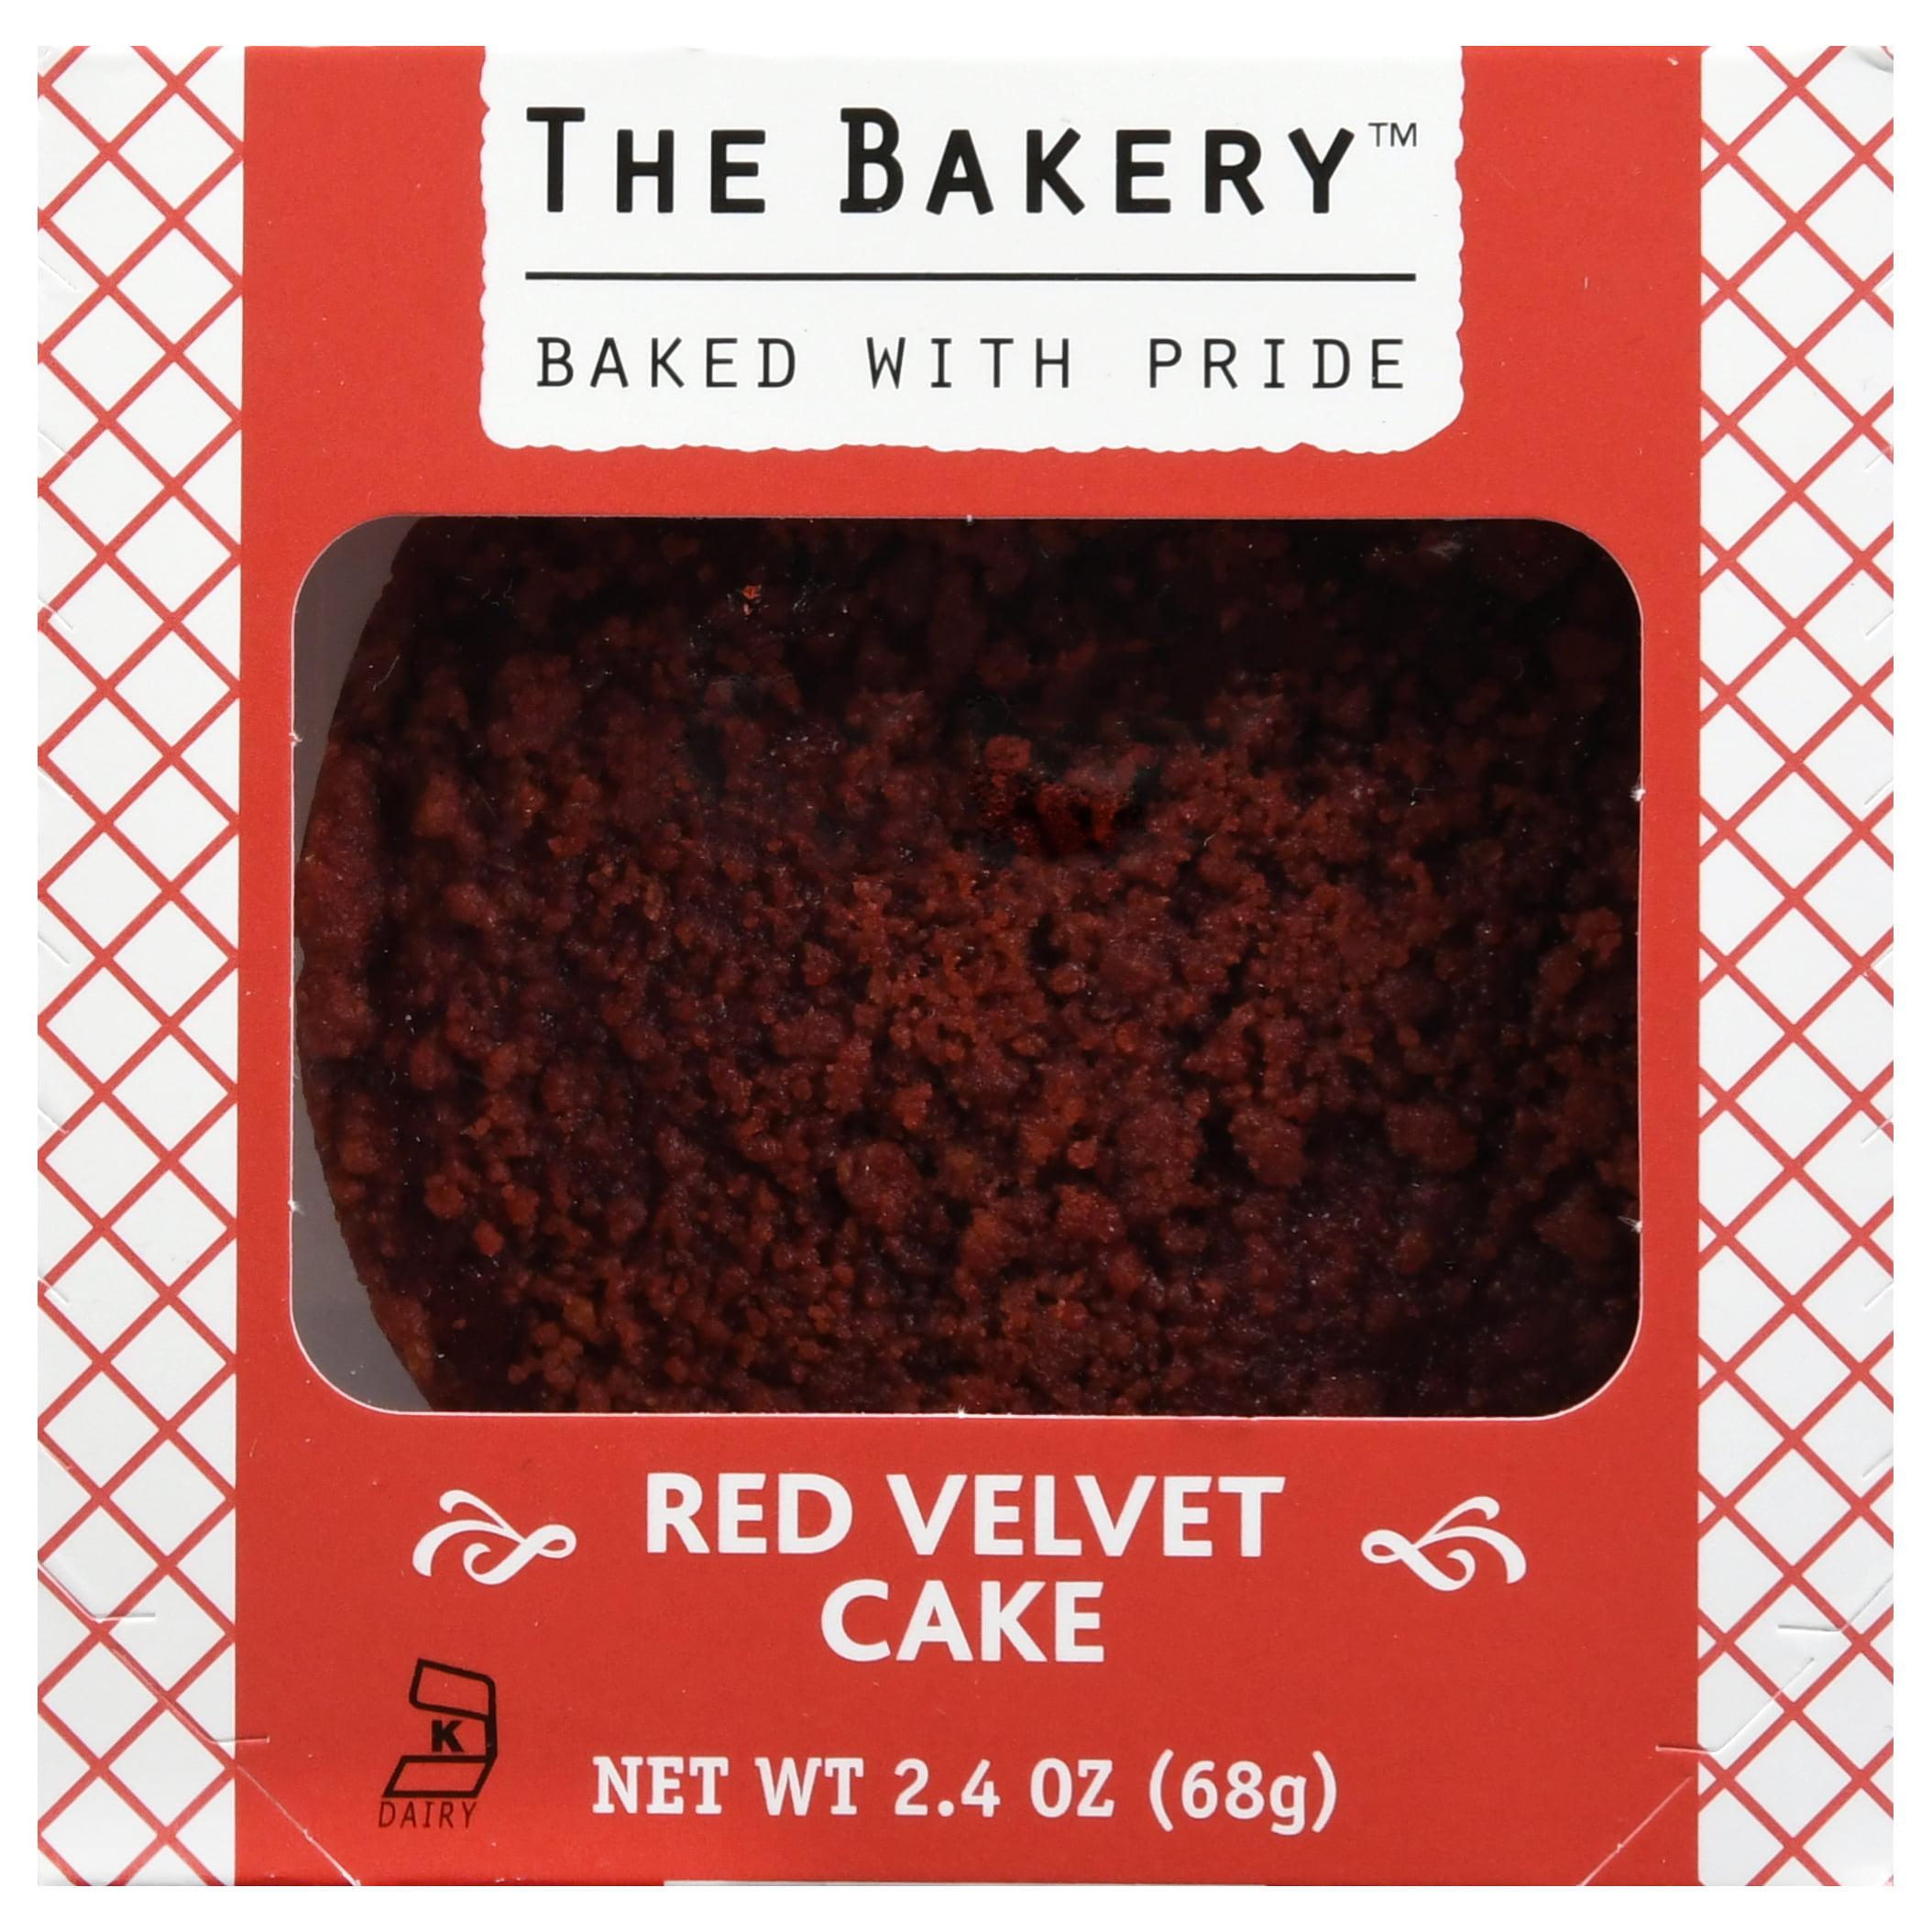 The Bakery Red Velvet Cake, 2.4 oz